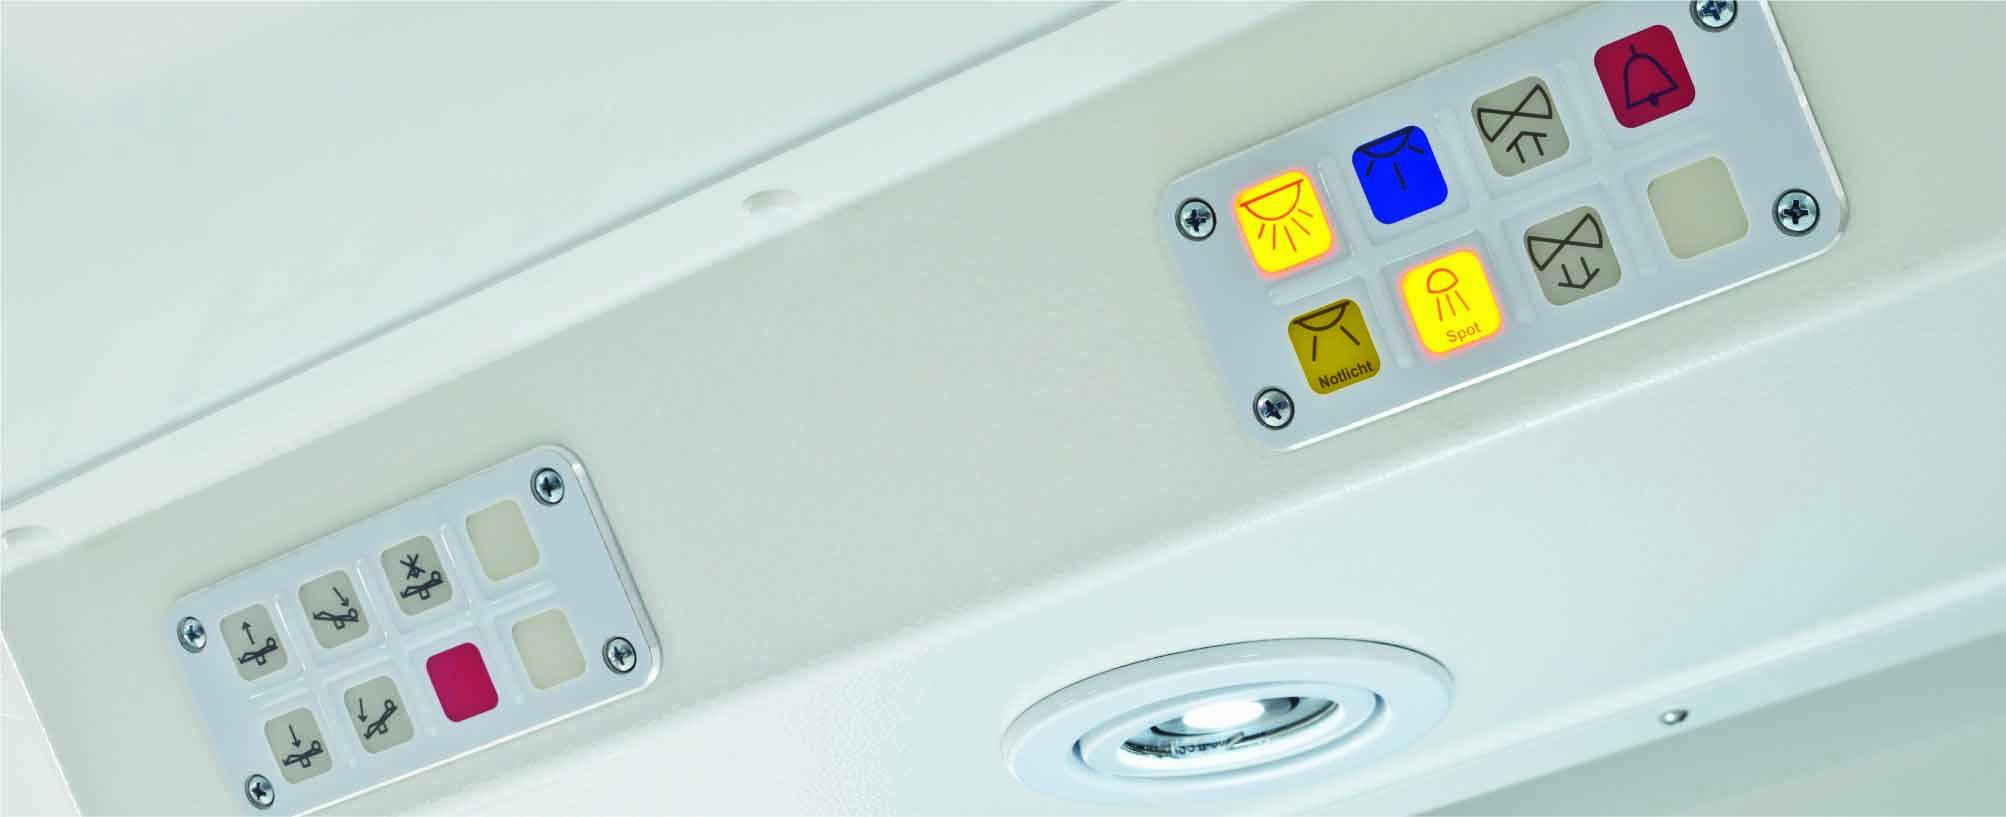 Urgence en direct | Plus de sécurité et de confort pour les secouristes et les ambulanciers avec la technologie WAS Ambulance image 7